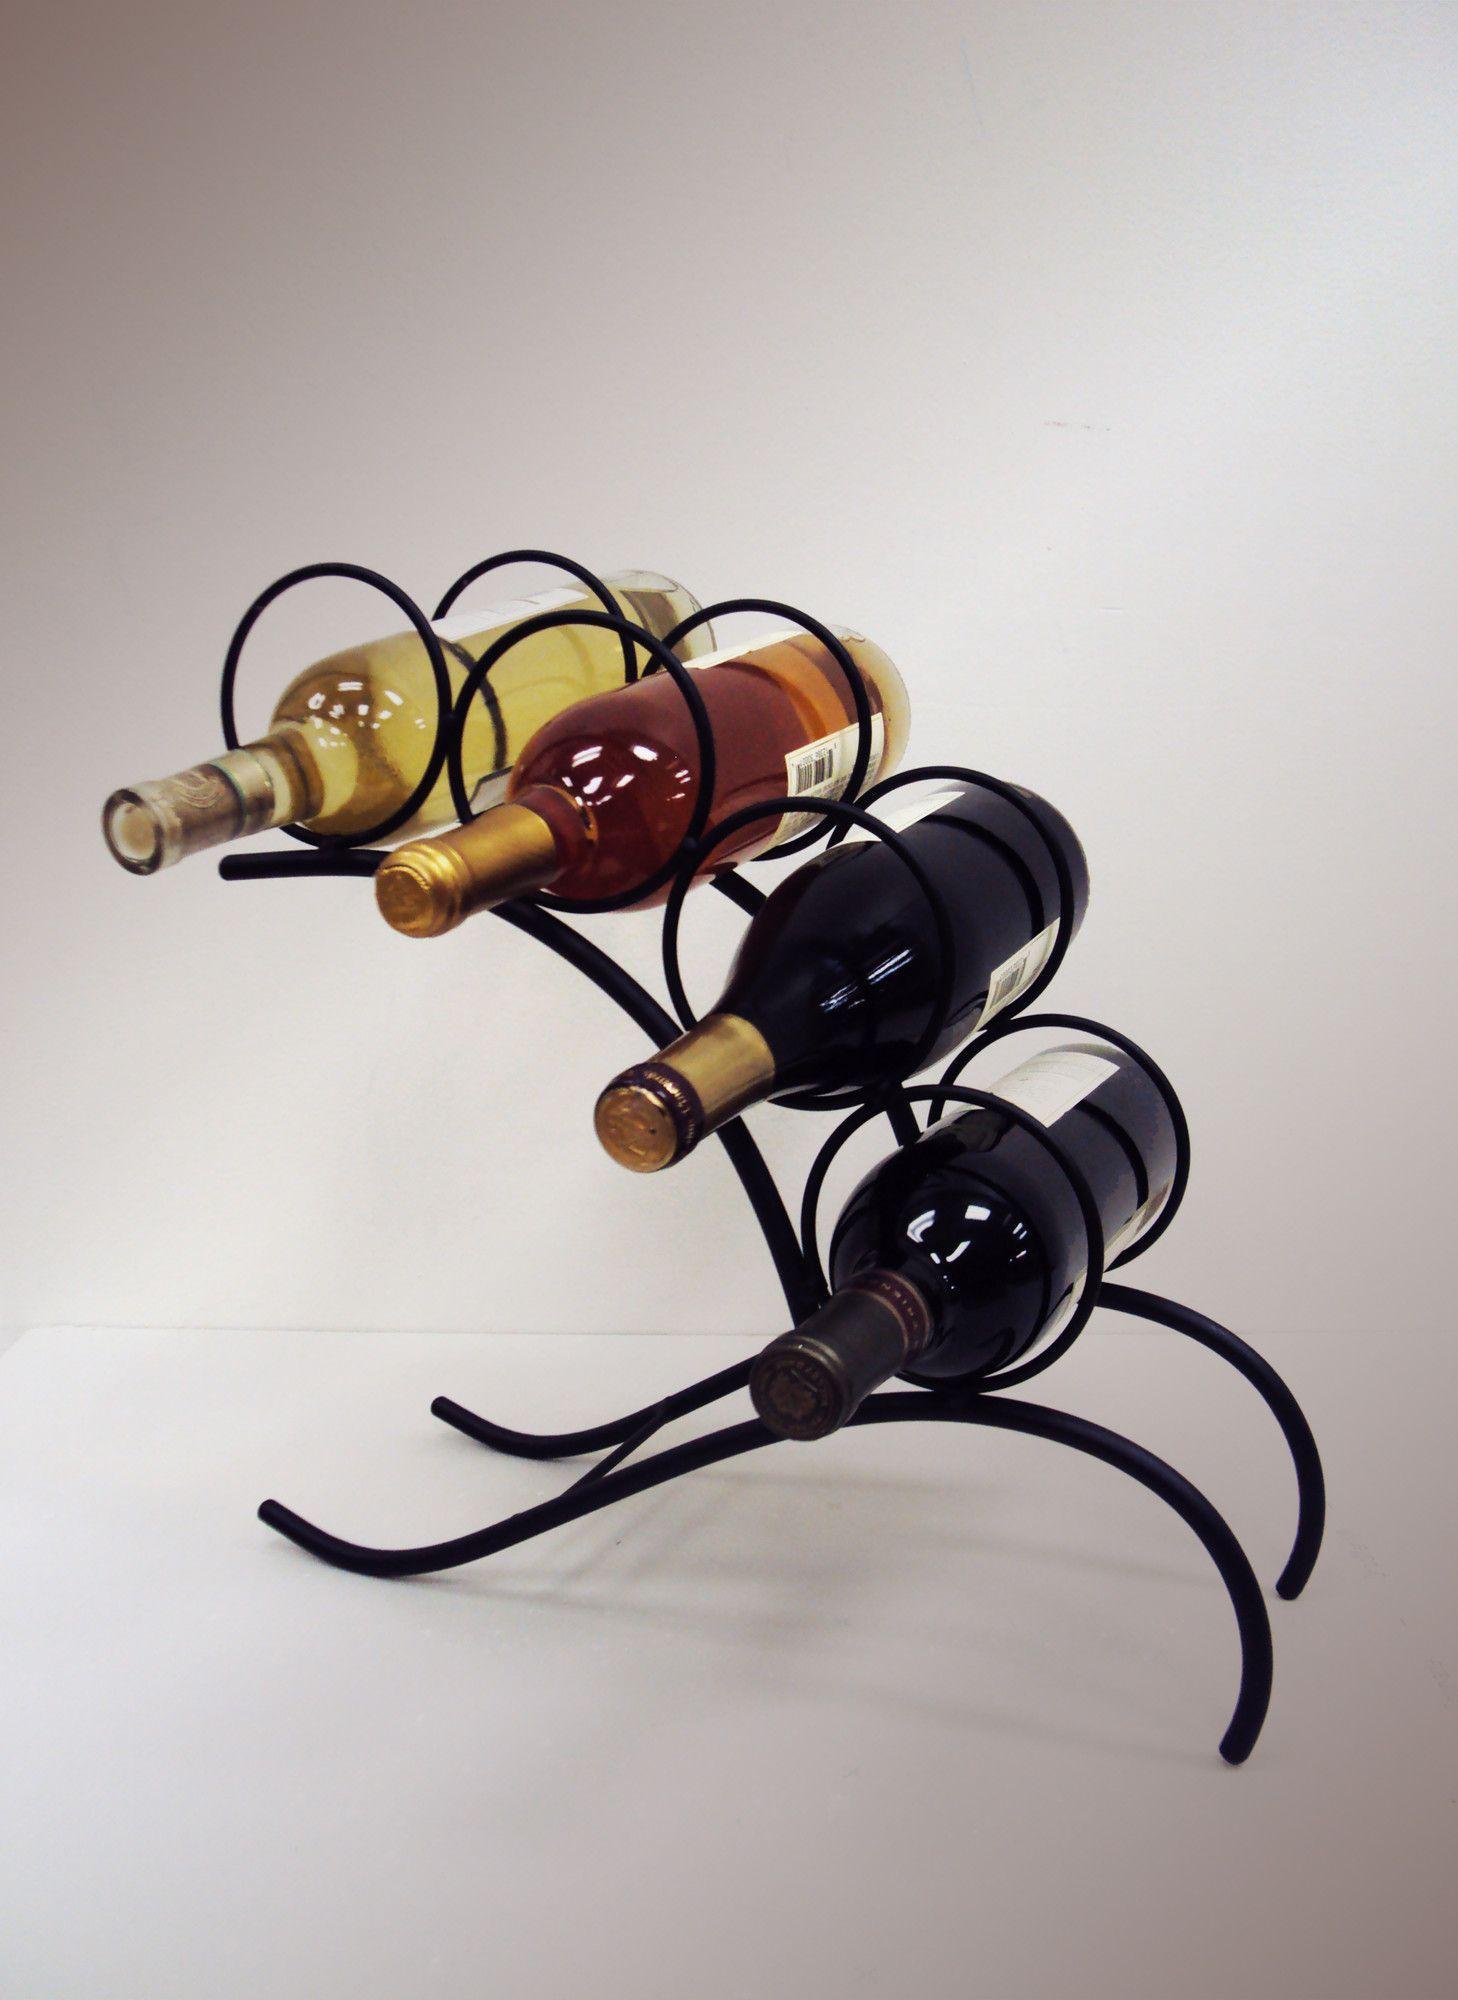 4 Bottle Tabletop Wine Bottle Rack Suportes Para Garrafas Decoração De Ferro Suportes Para Garrafas De Vinho